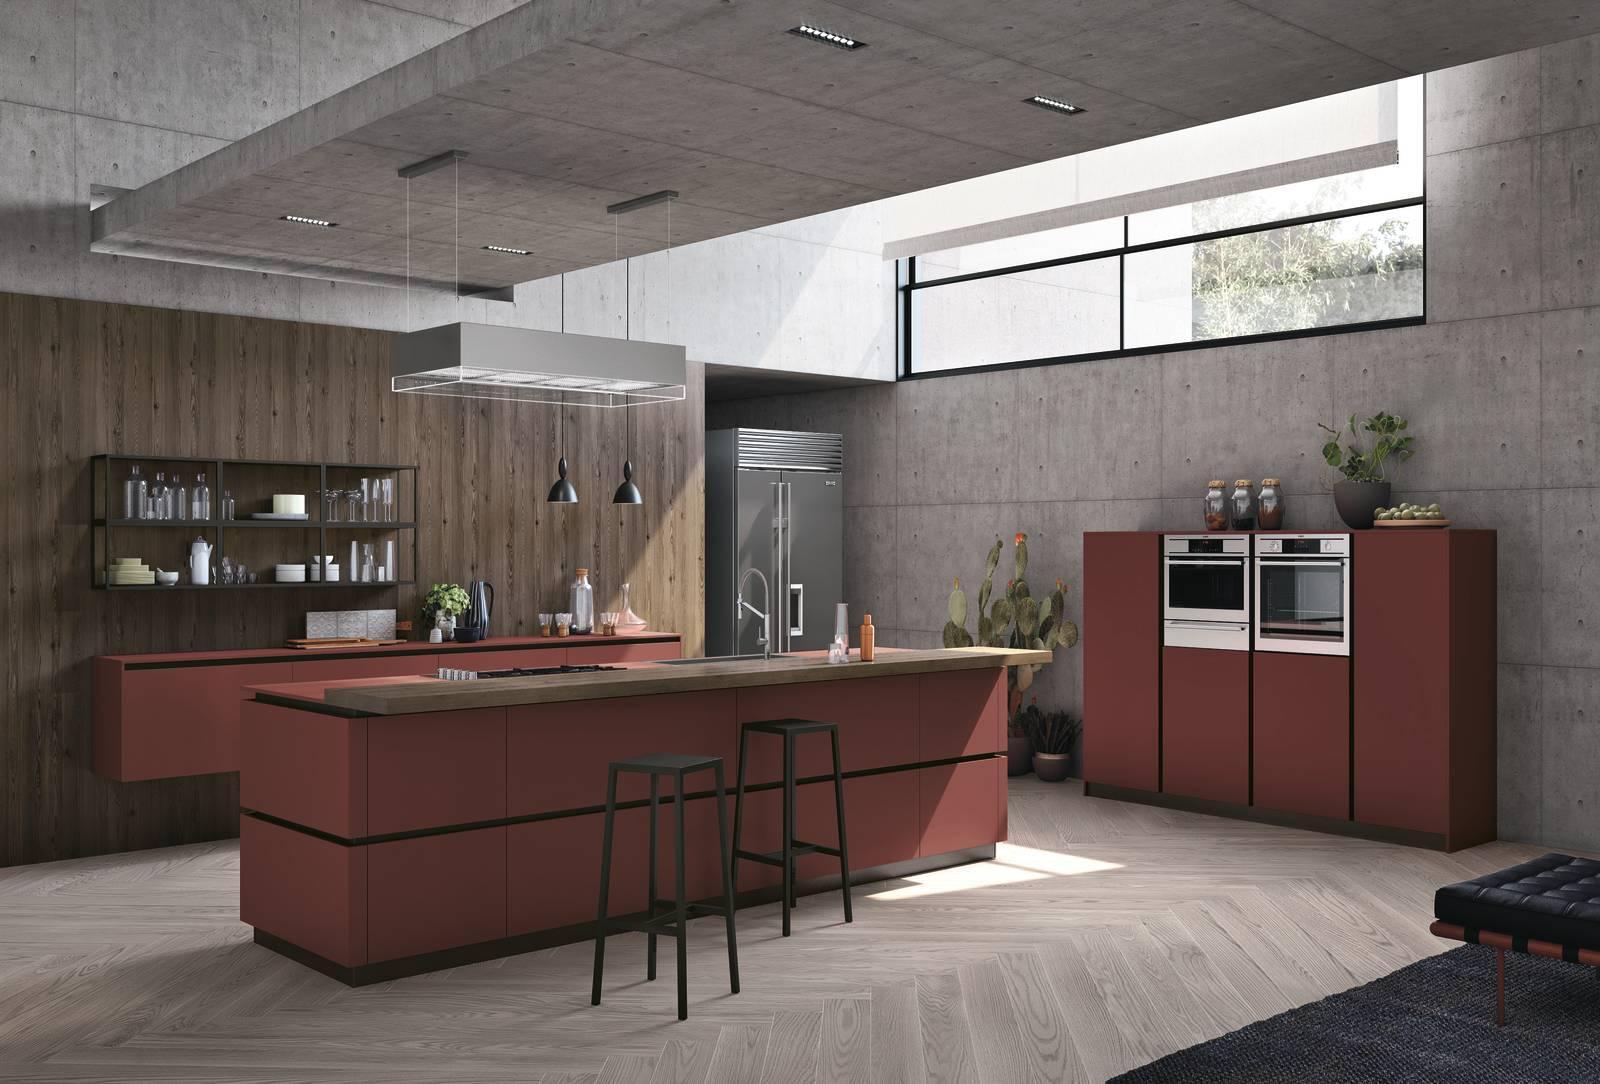 Quanto Costa L Isola Della Cucina 10 Modelli Con Il Prezzo Cose Di Casa